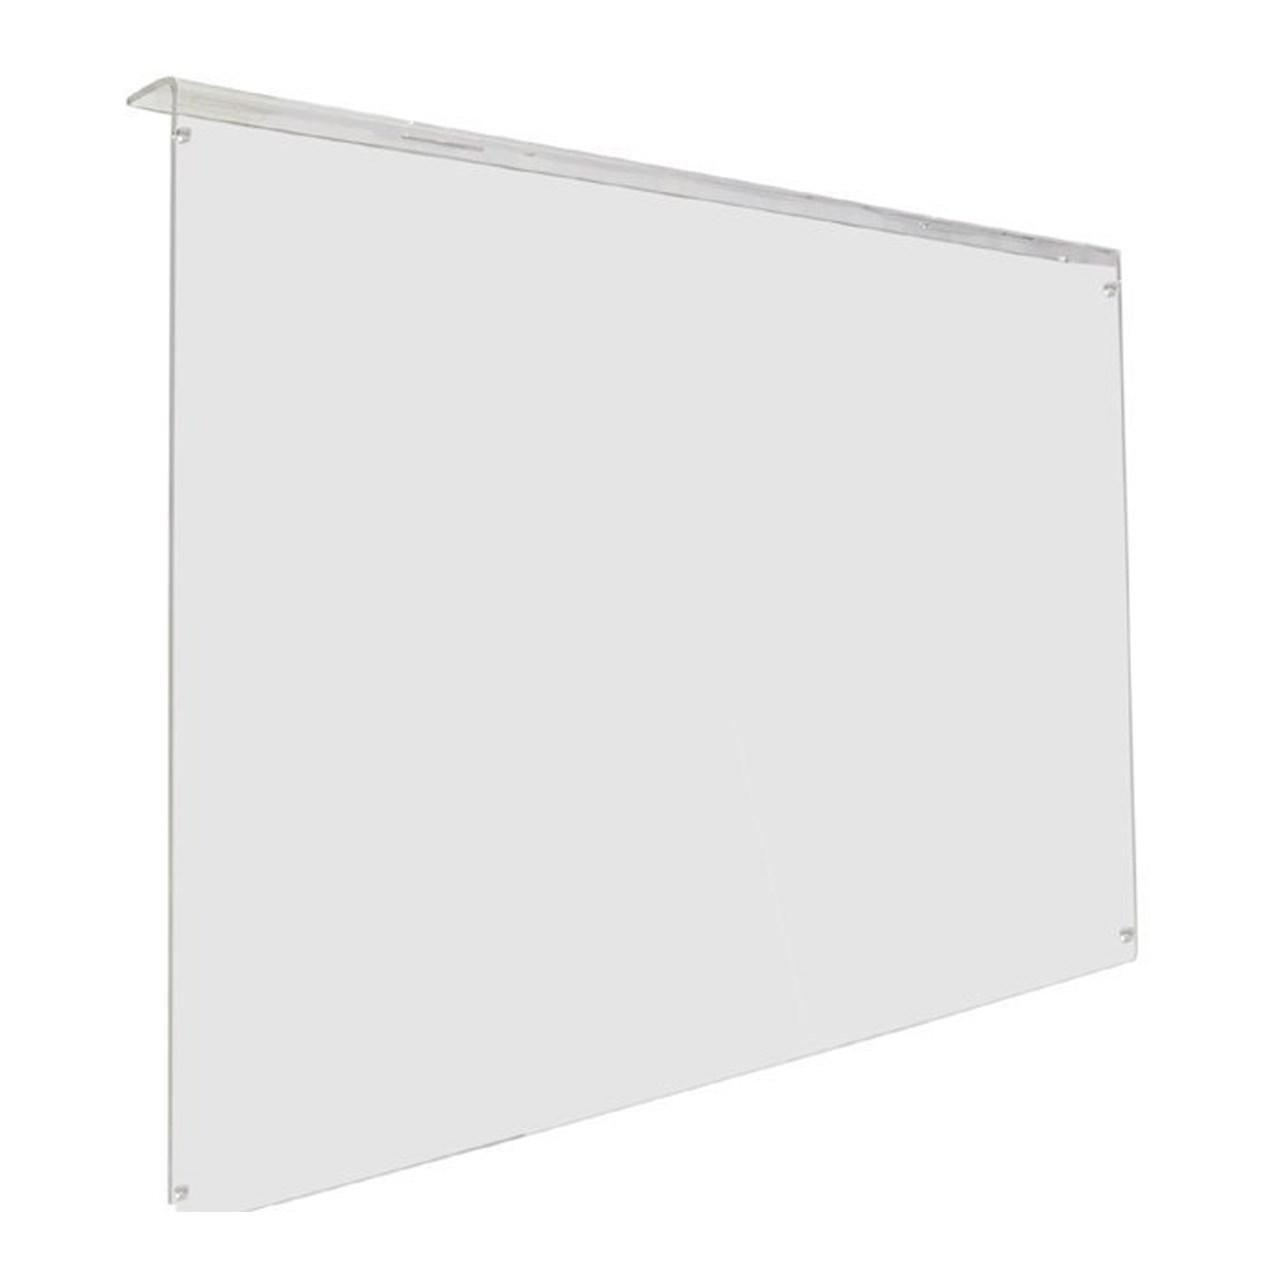 محافظ صفحه نمایش وروان مناسب برای تلویزیون 32 اینچ